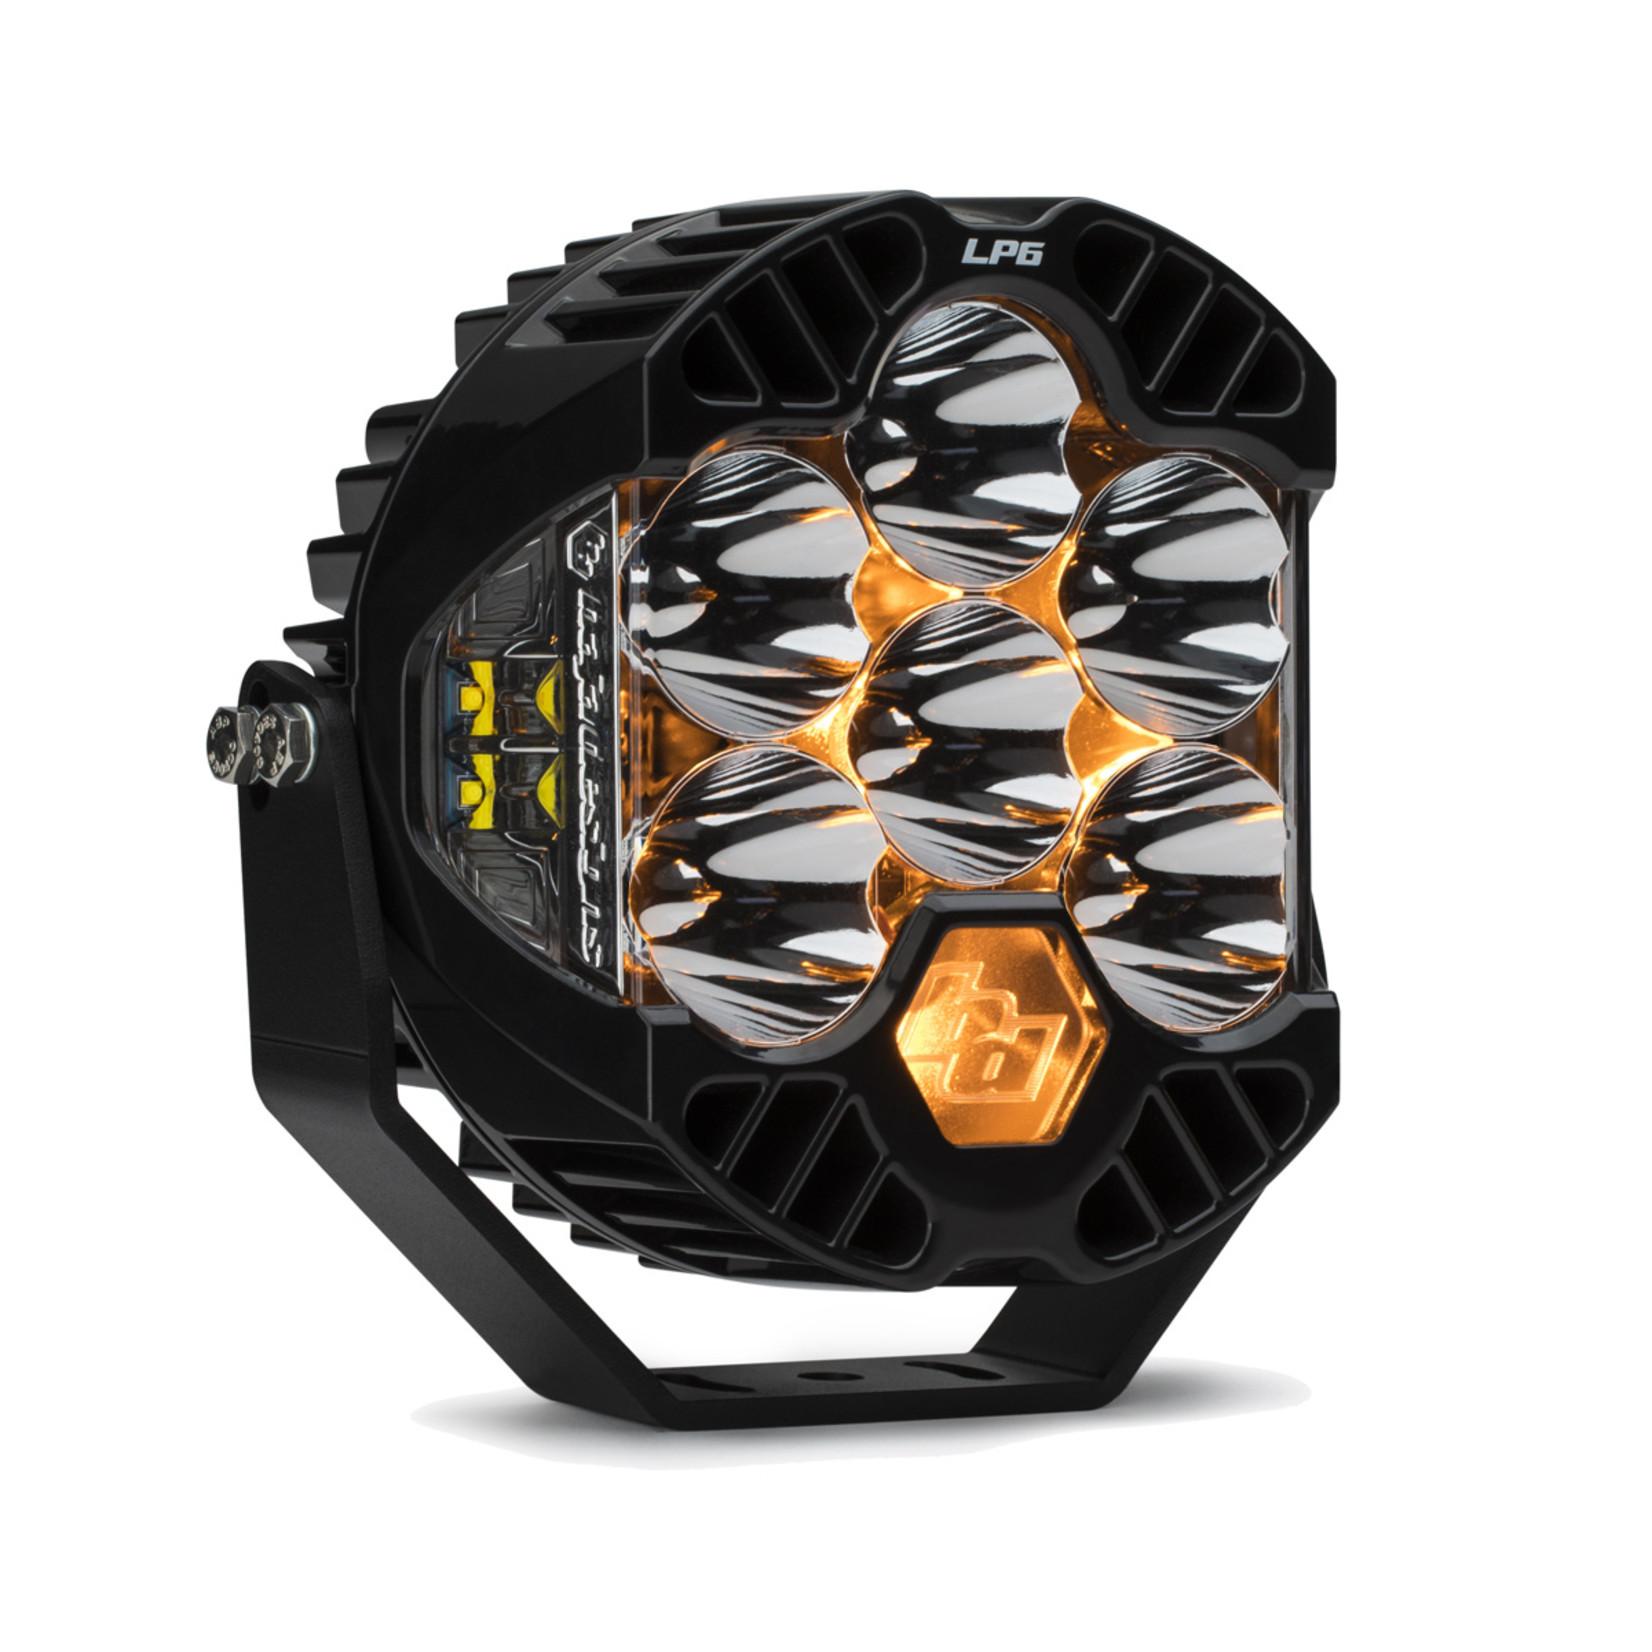 Baja Design LP6 Pro LED Lights